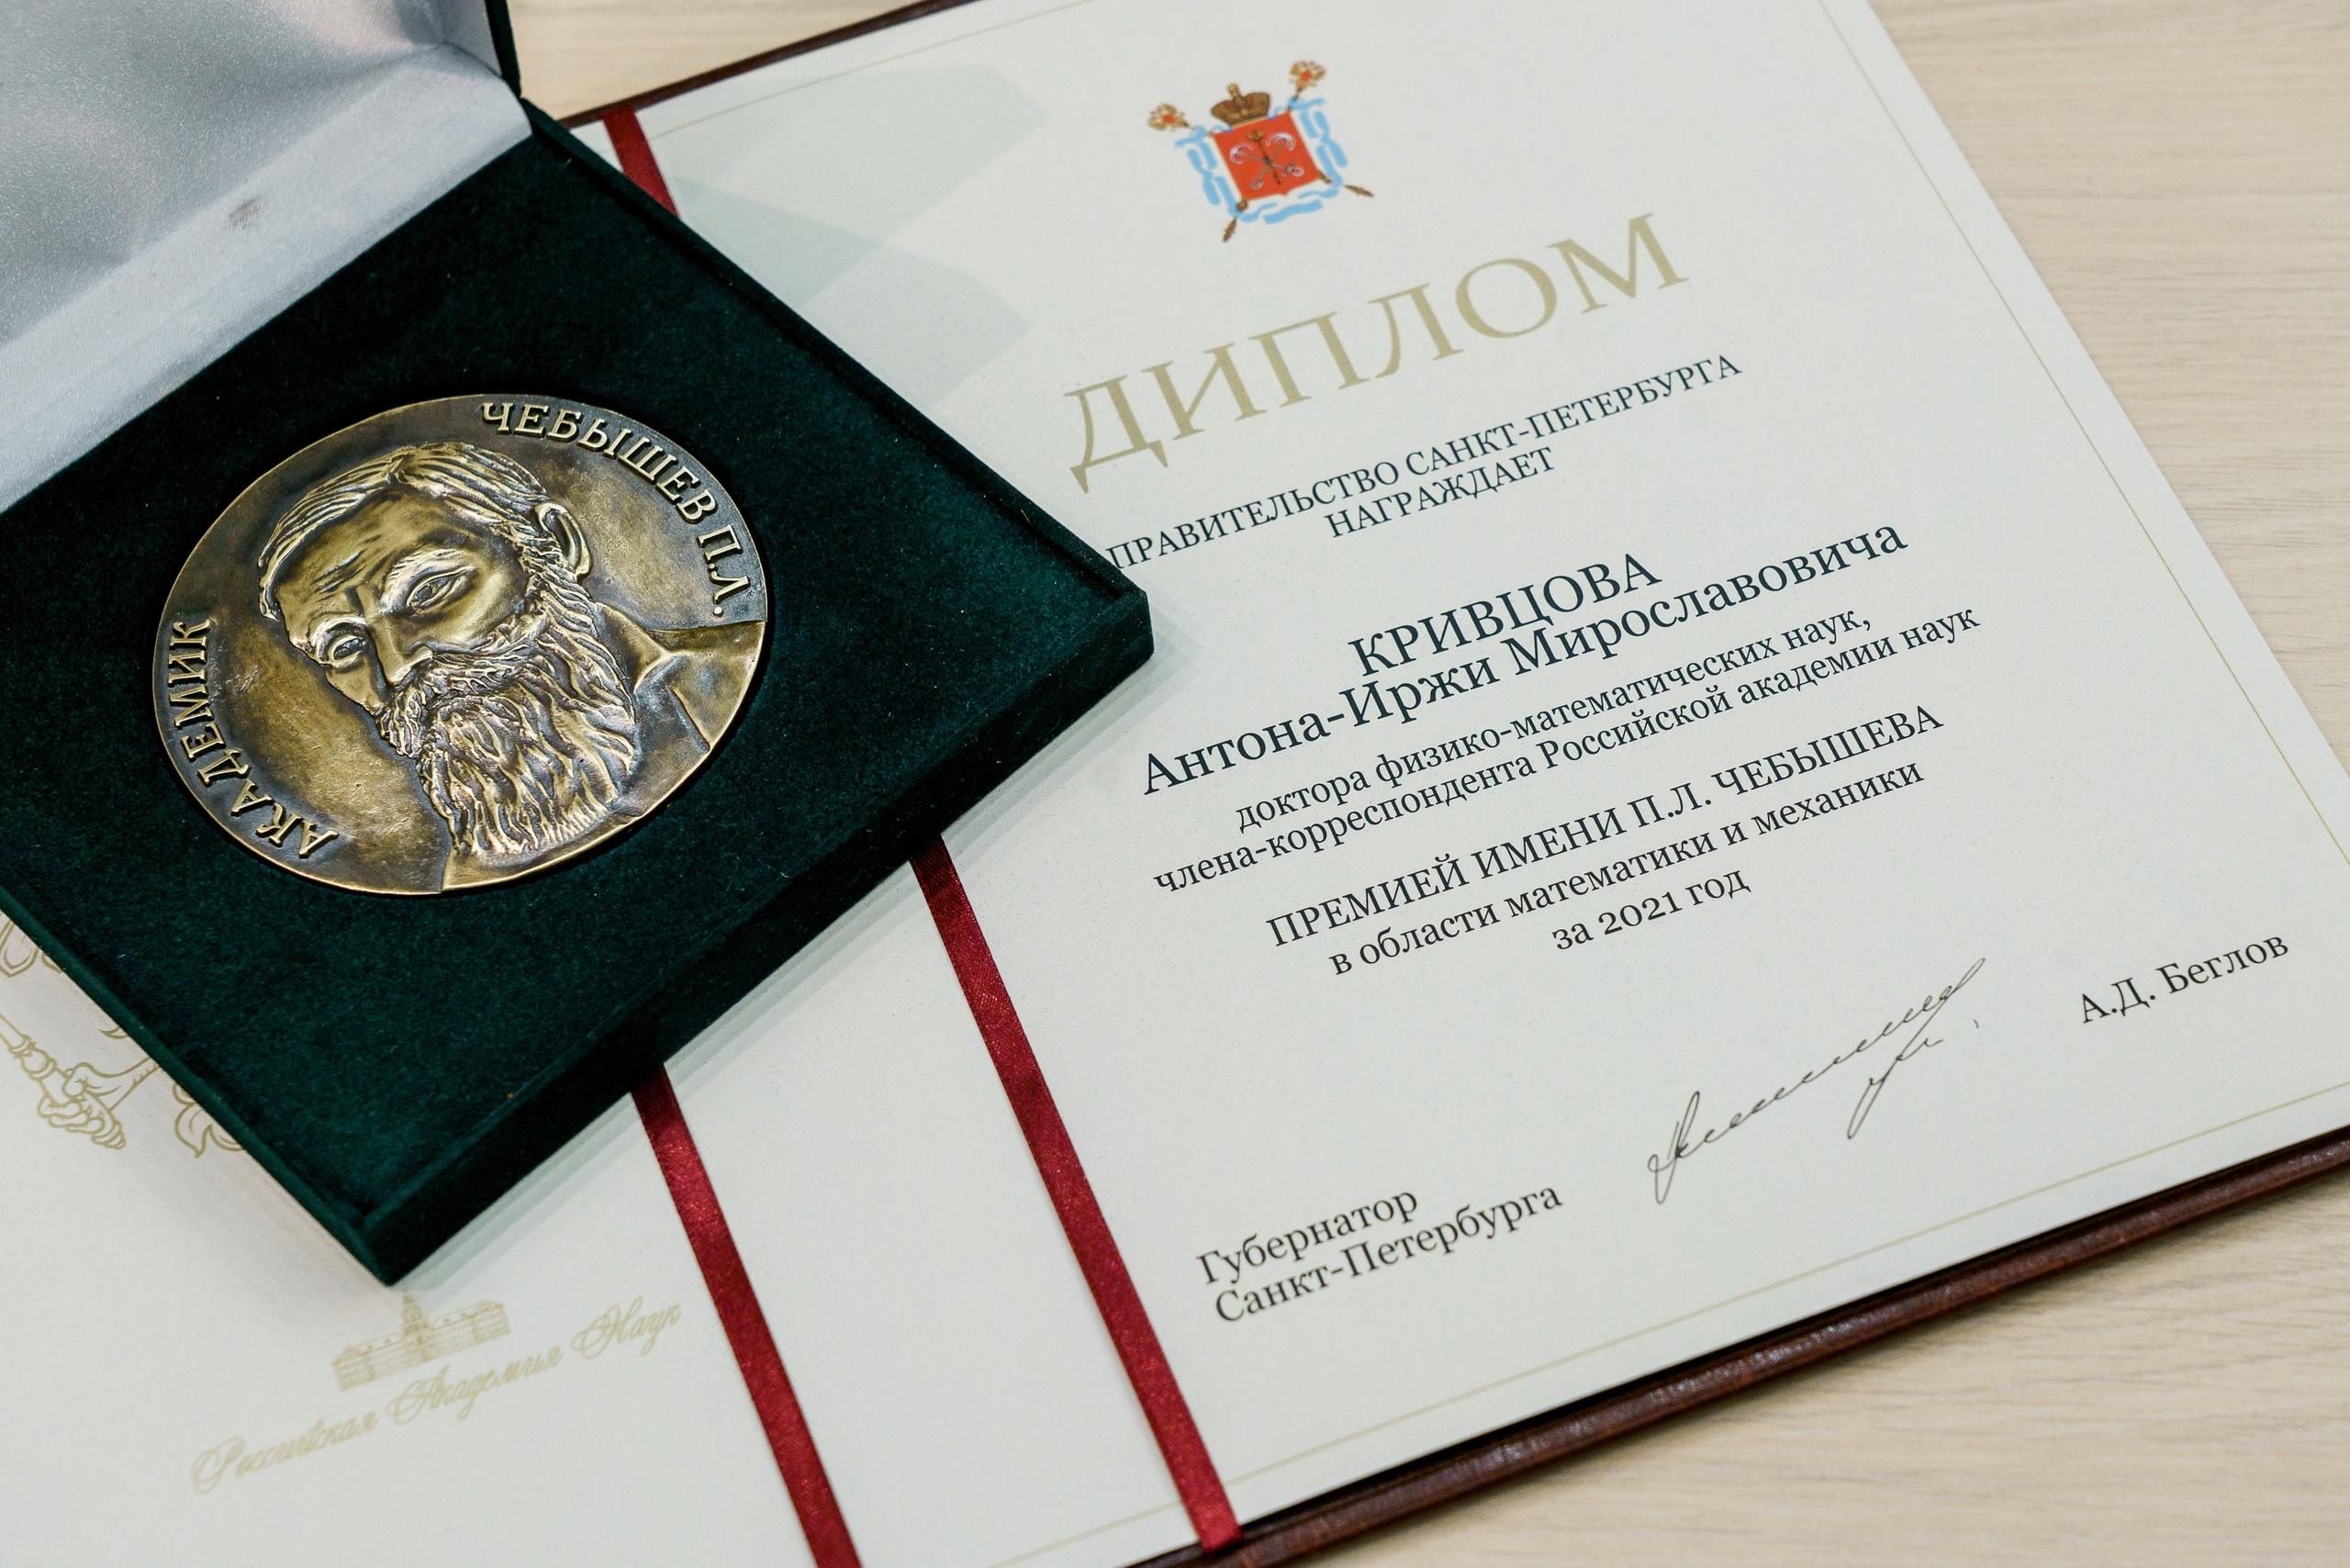 Премия им. П.Л. Чебышёва присуждается за достижения в области математики и механики